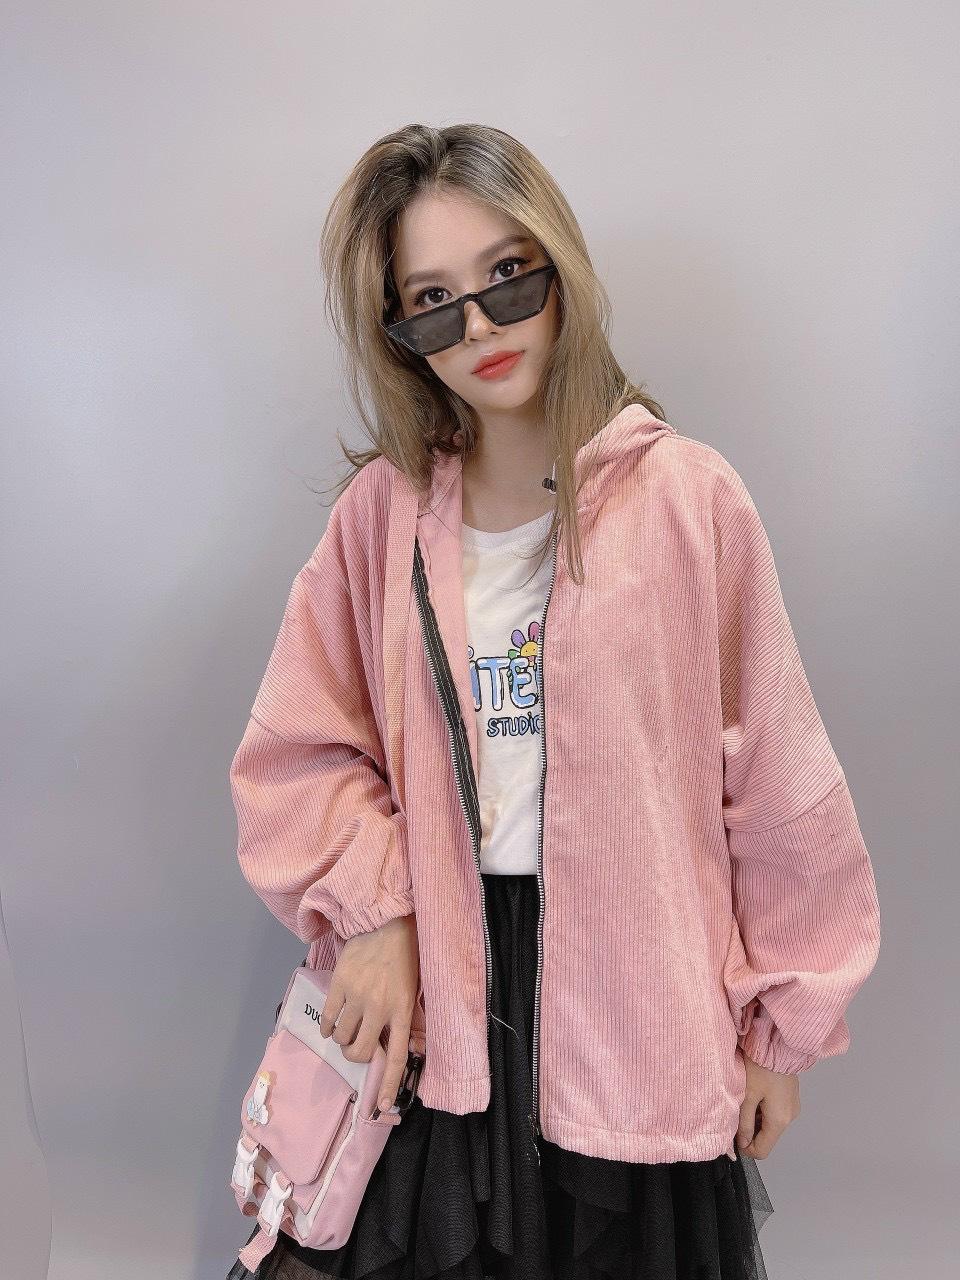 Áo khoác vải Nhung form ĐẠI cánh dơi chống nắng sành điệu TiH071